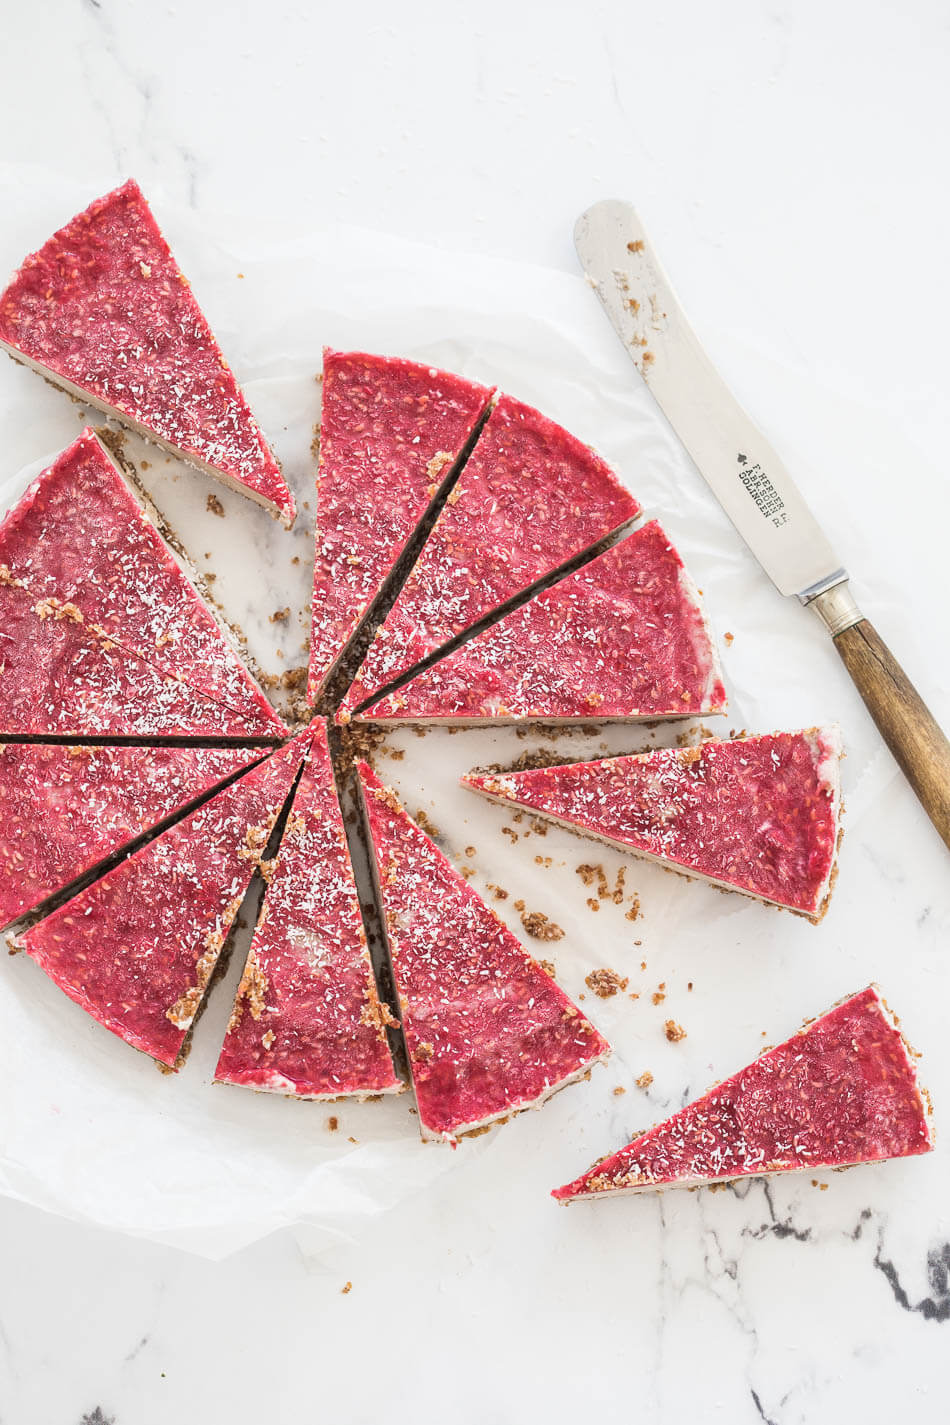 No bake paleo cheesecake met frambozen topping   simoneskitchen.nl